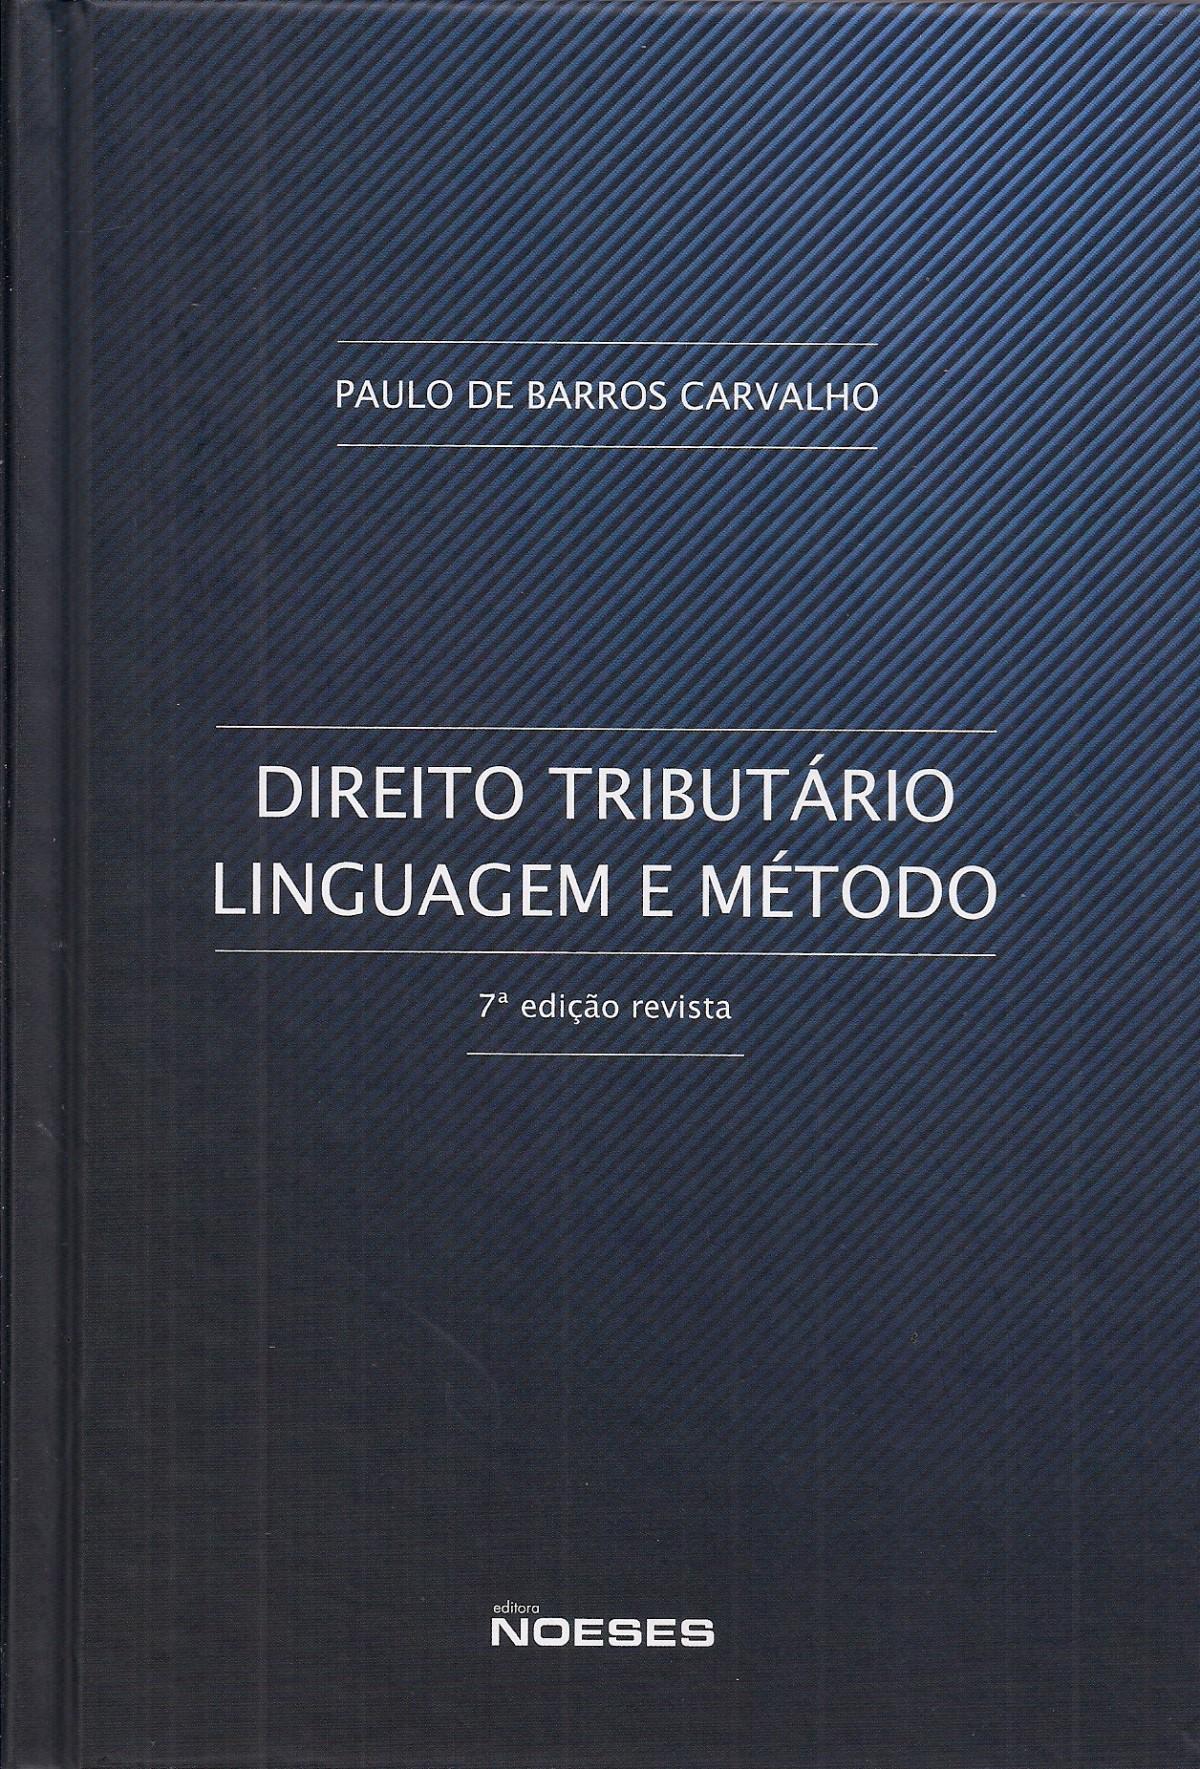 Foto 1 - Direito Tributário Linguagem e Método